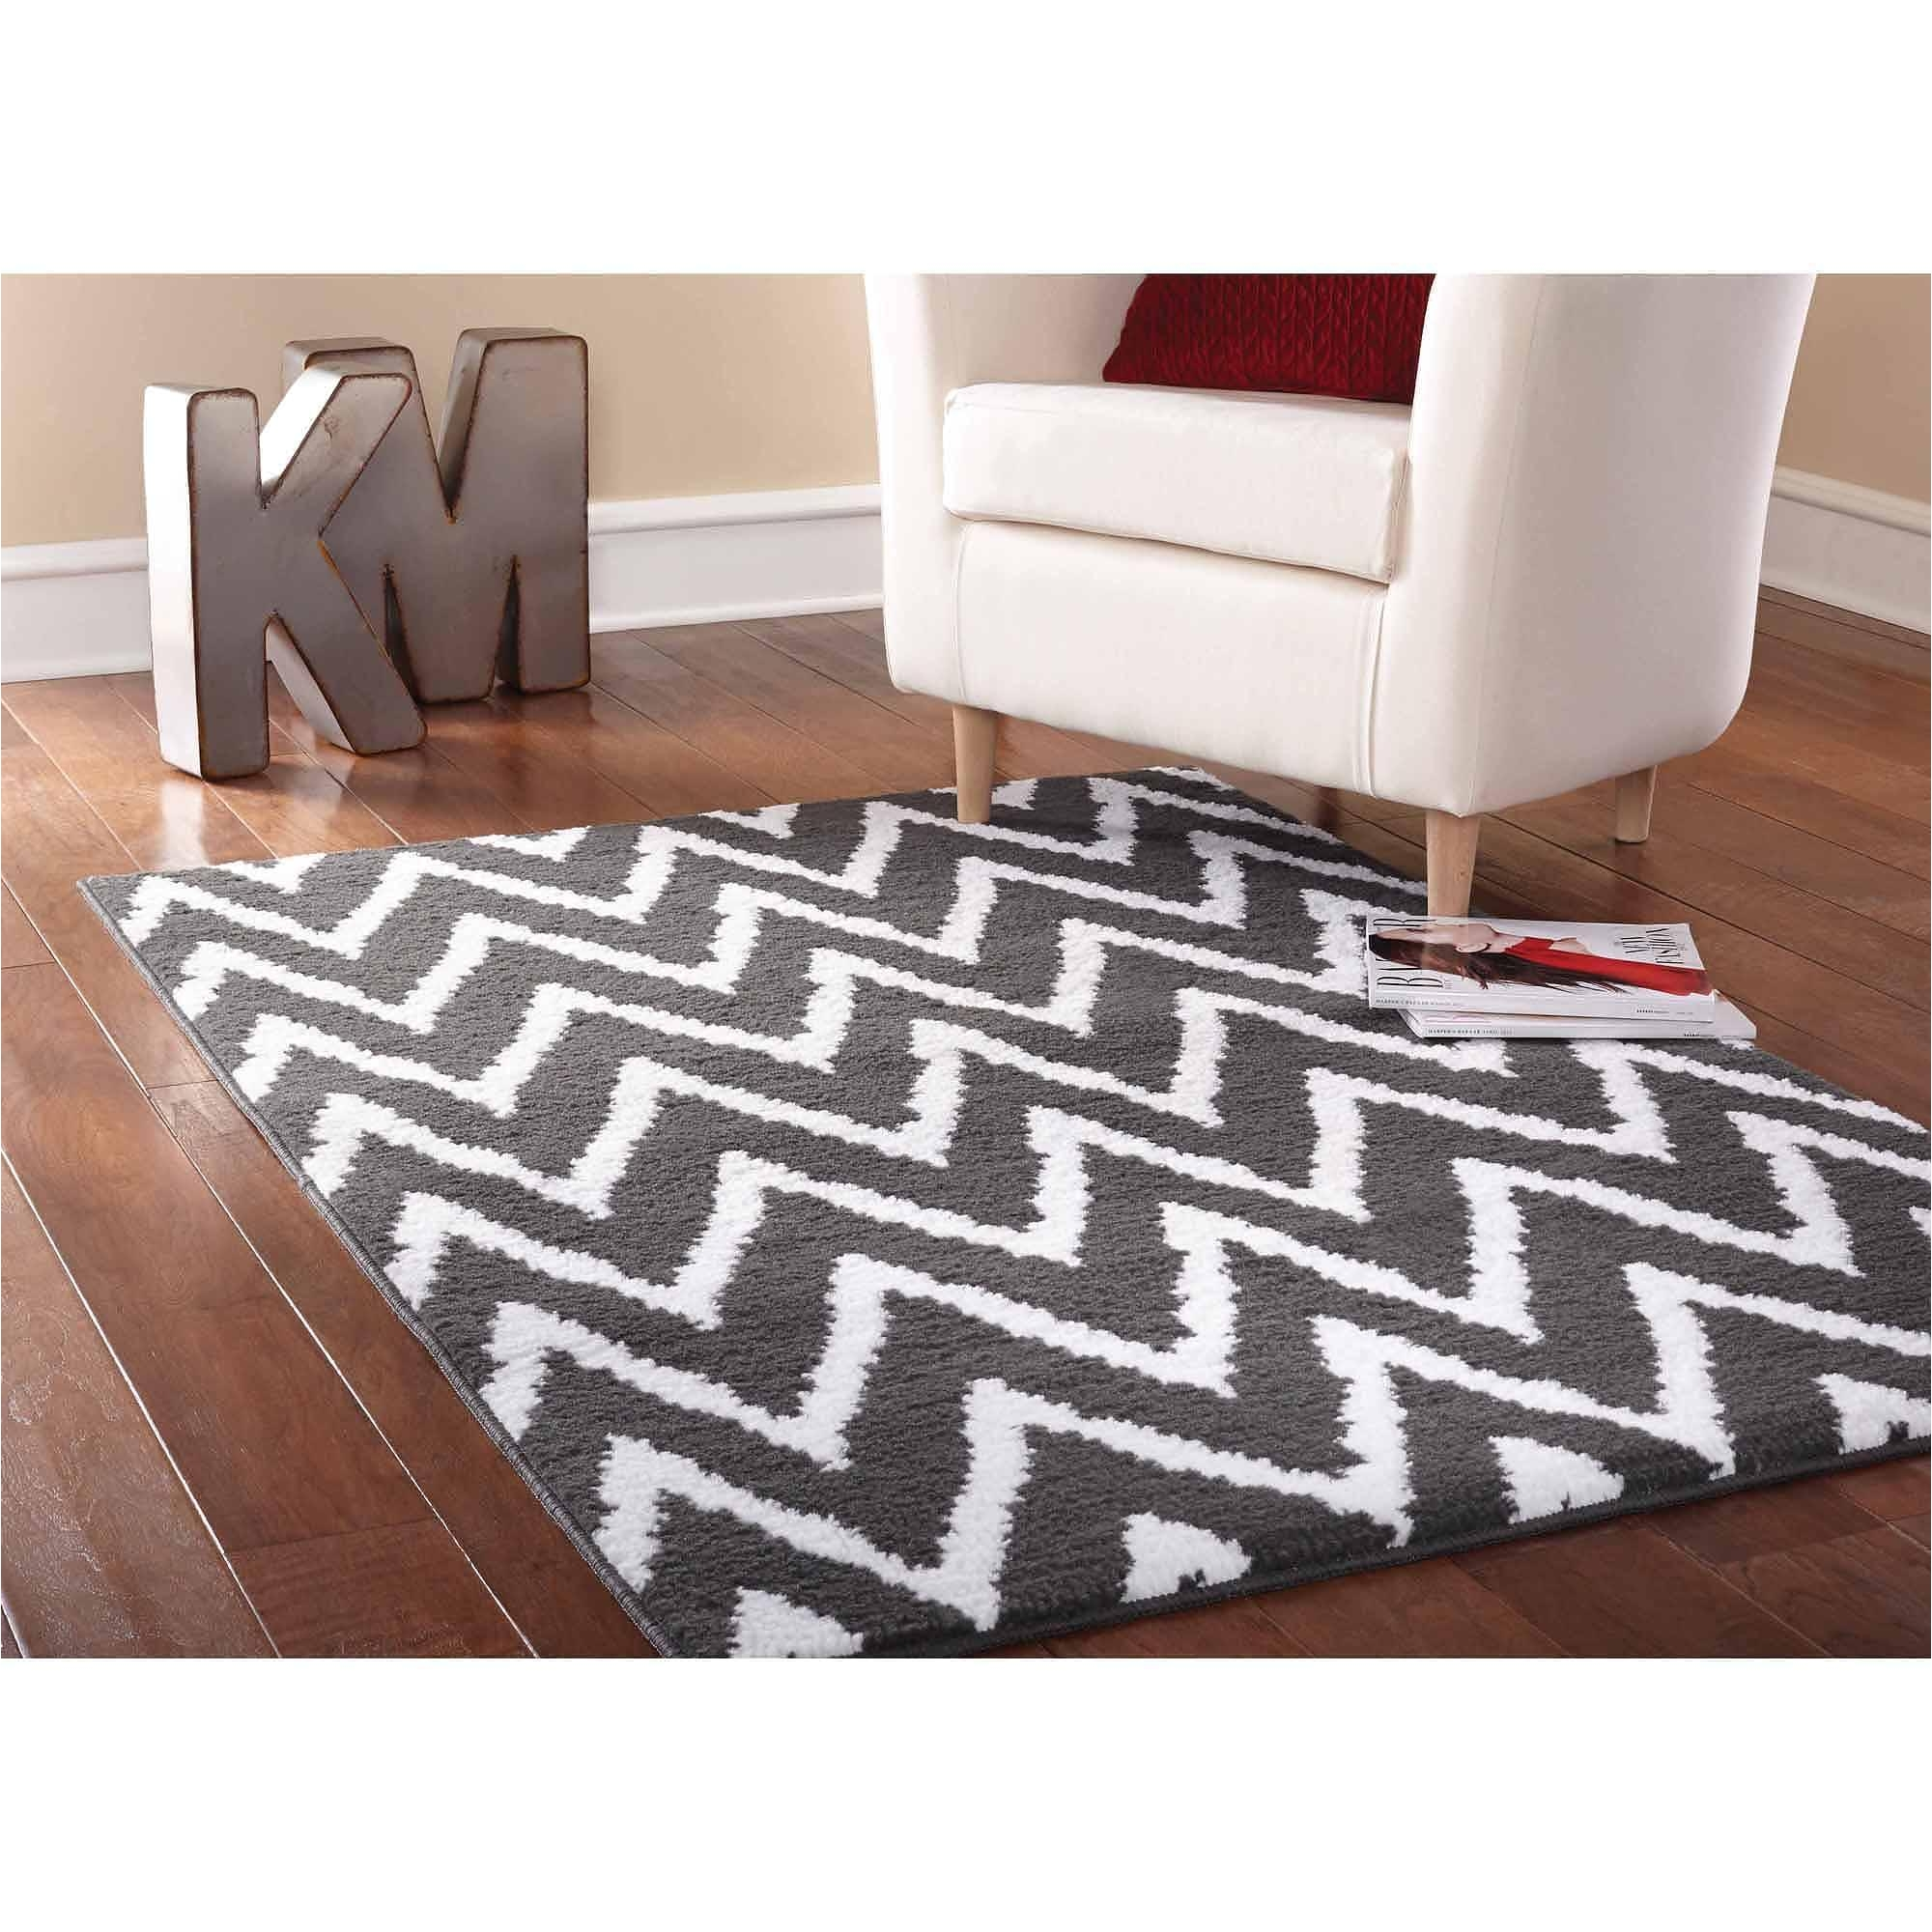 tar accent rug tar rugs 5x7